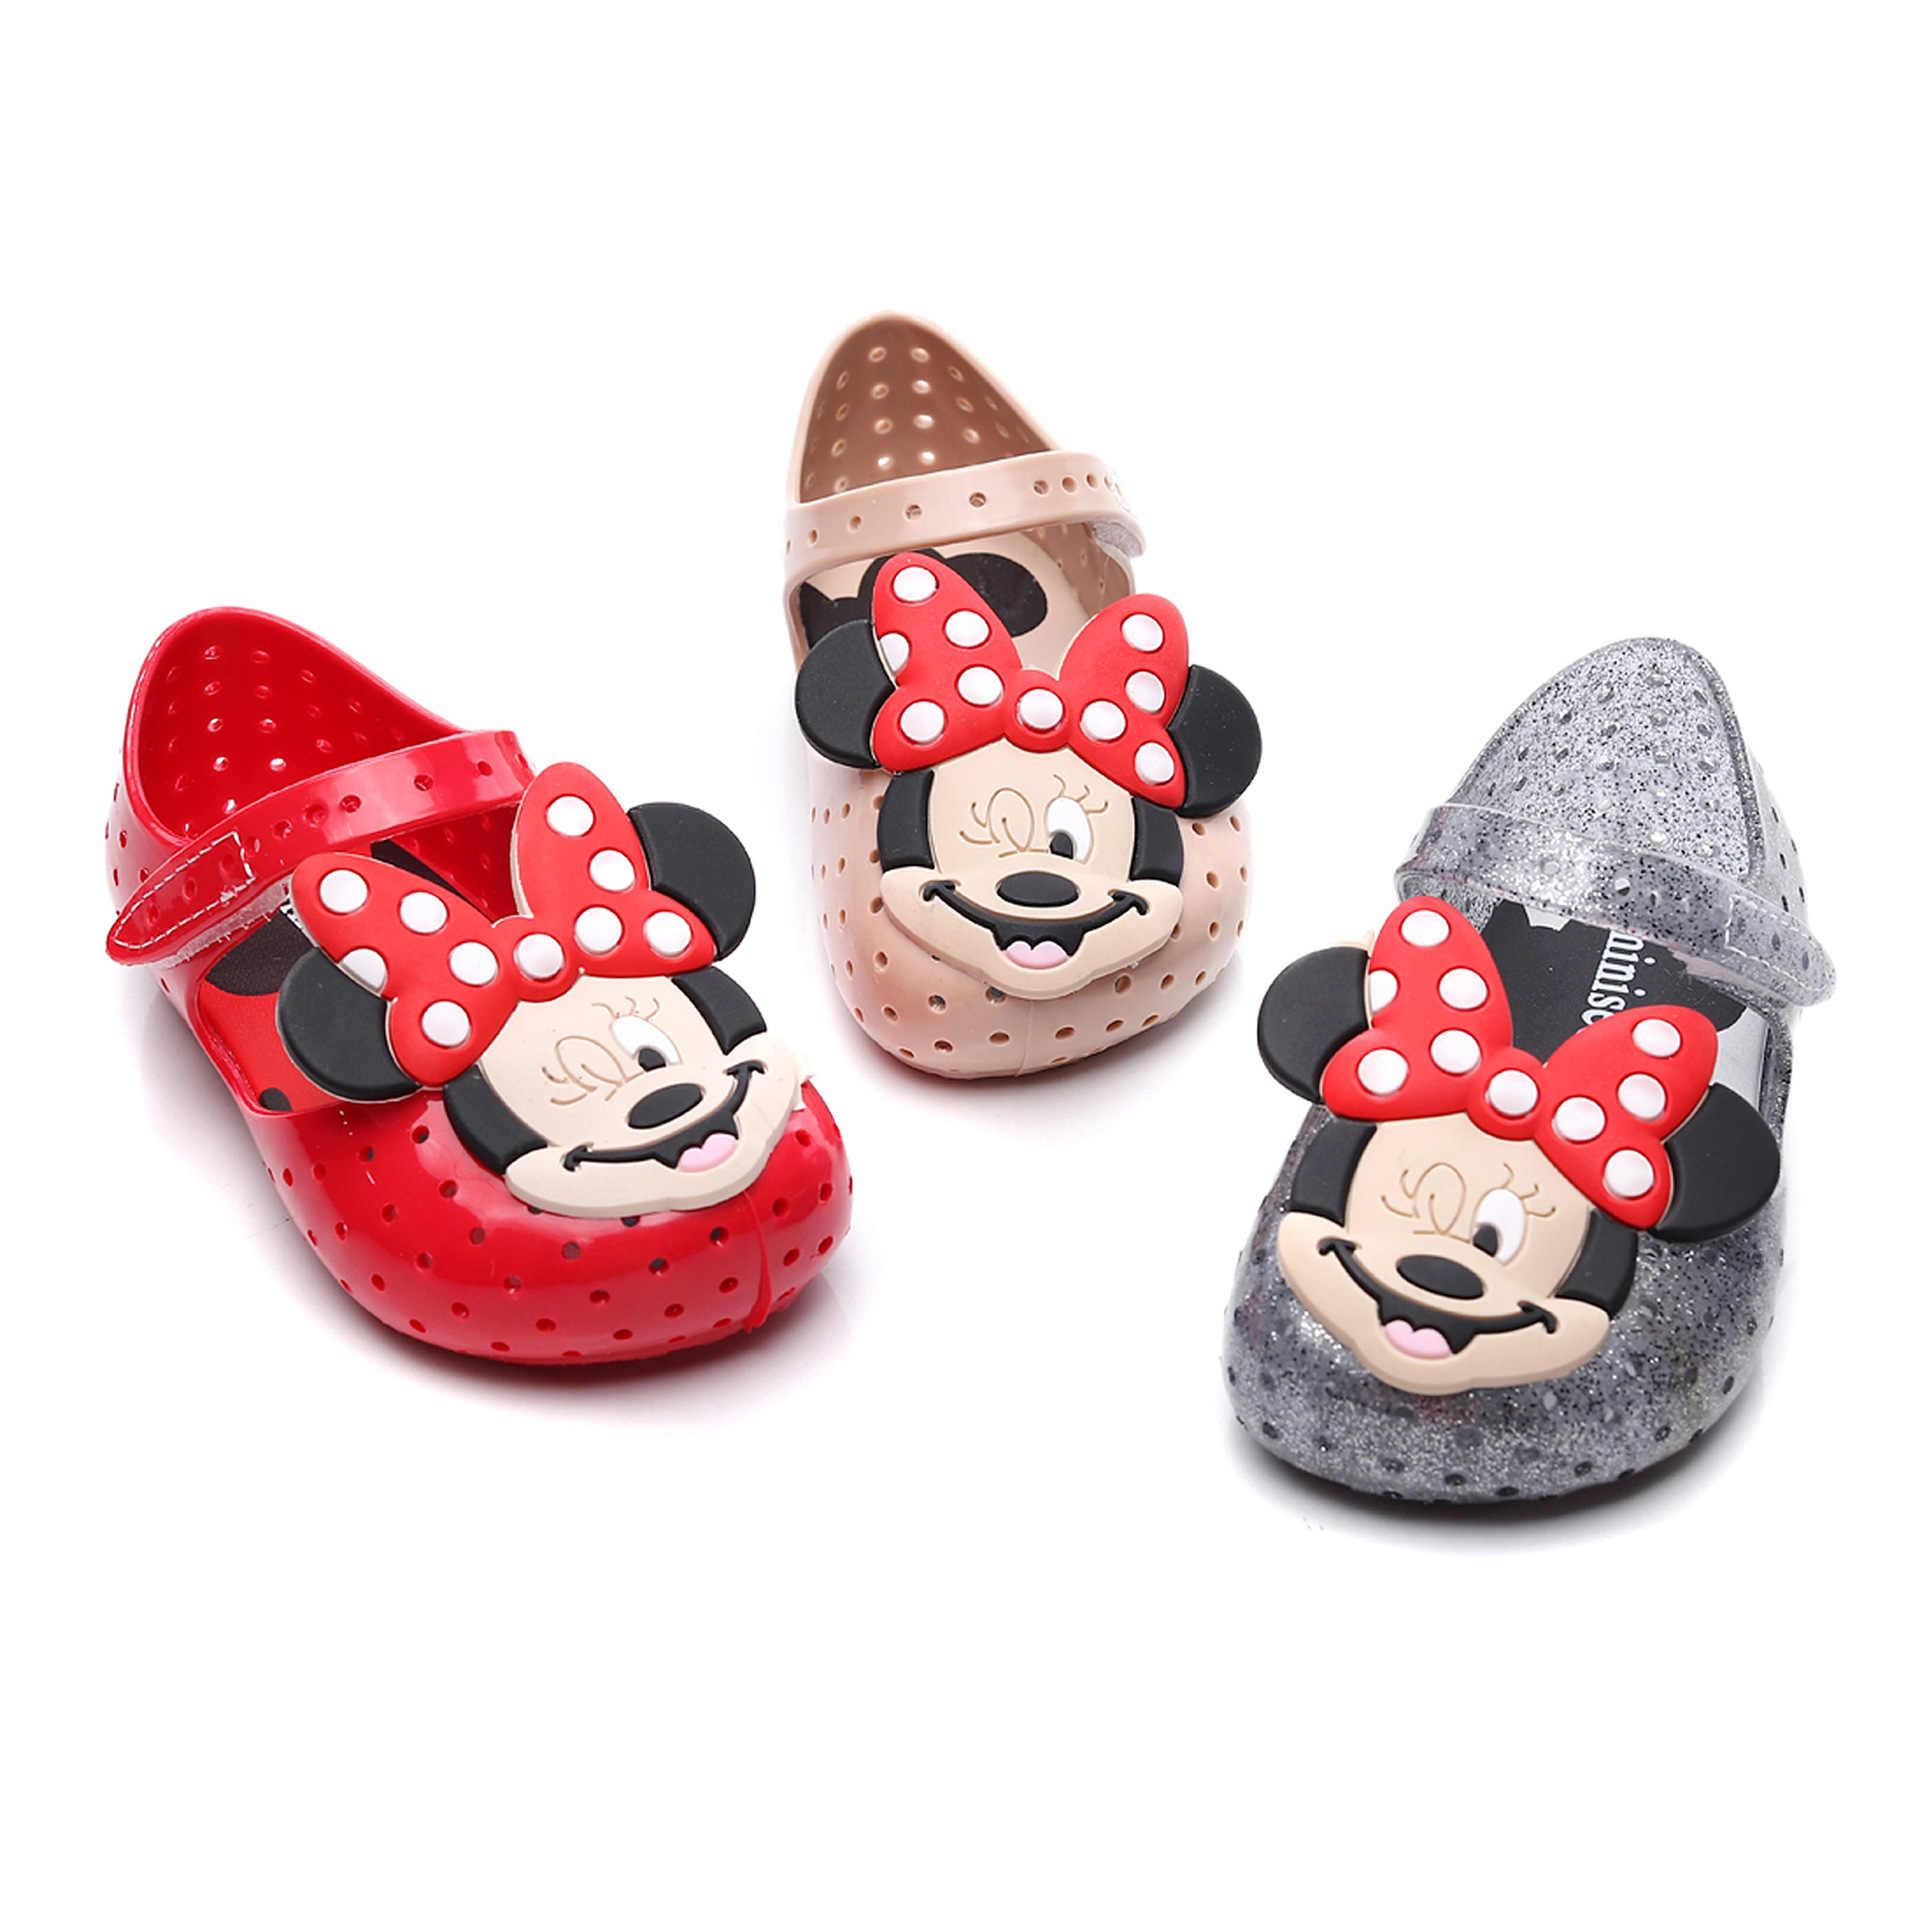 Baotou/Новинка 2020, Студенческая обувь, милые детские сандалии с прорезями, нескользящая модная пляжная обувь из ПВХ